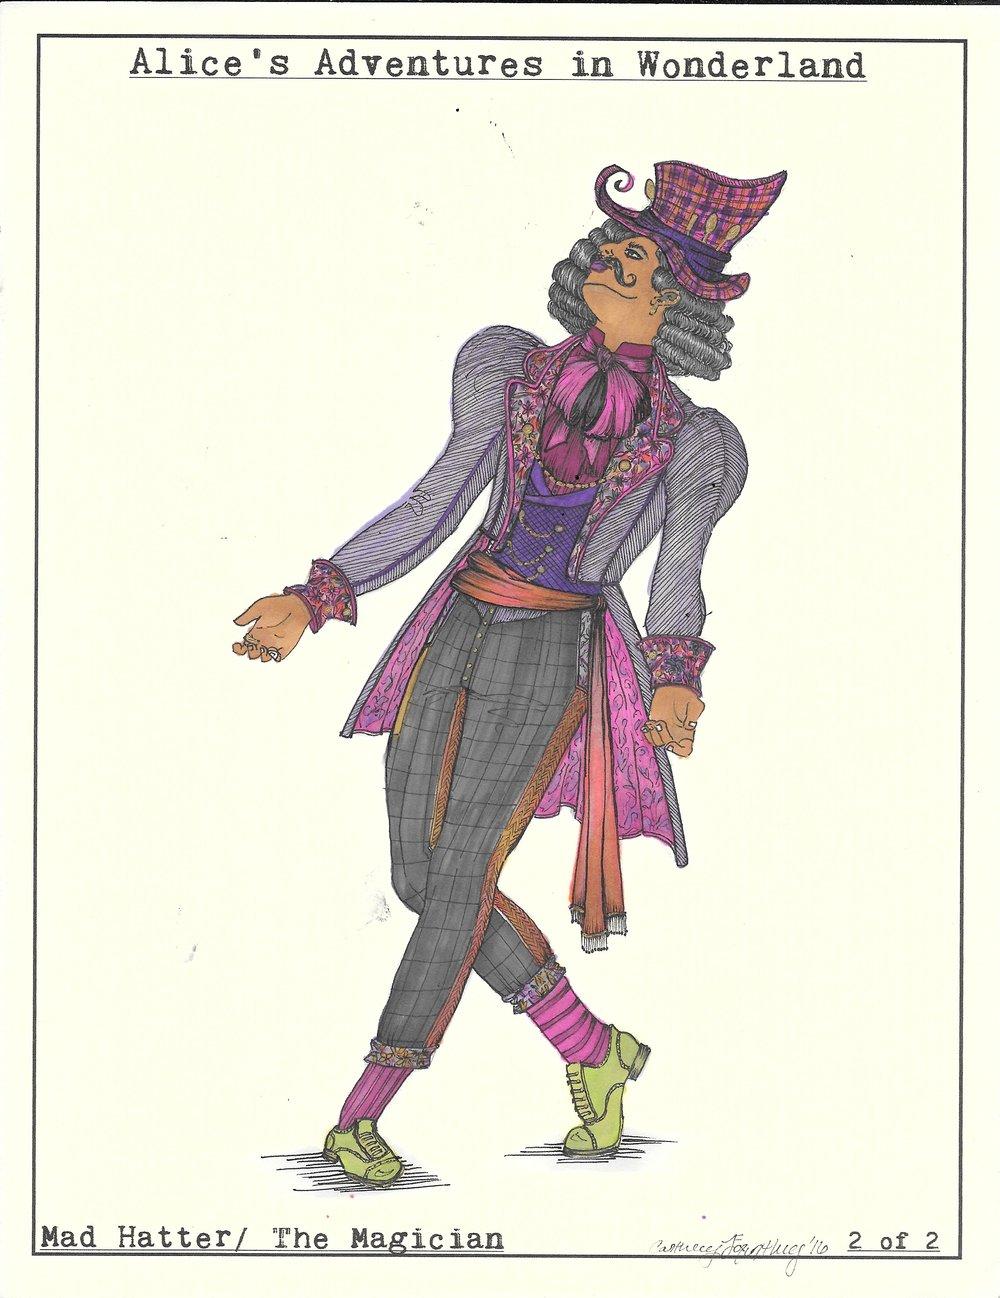 The Mad Hatter (Tap Dancer). Wonderland